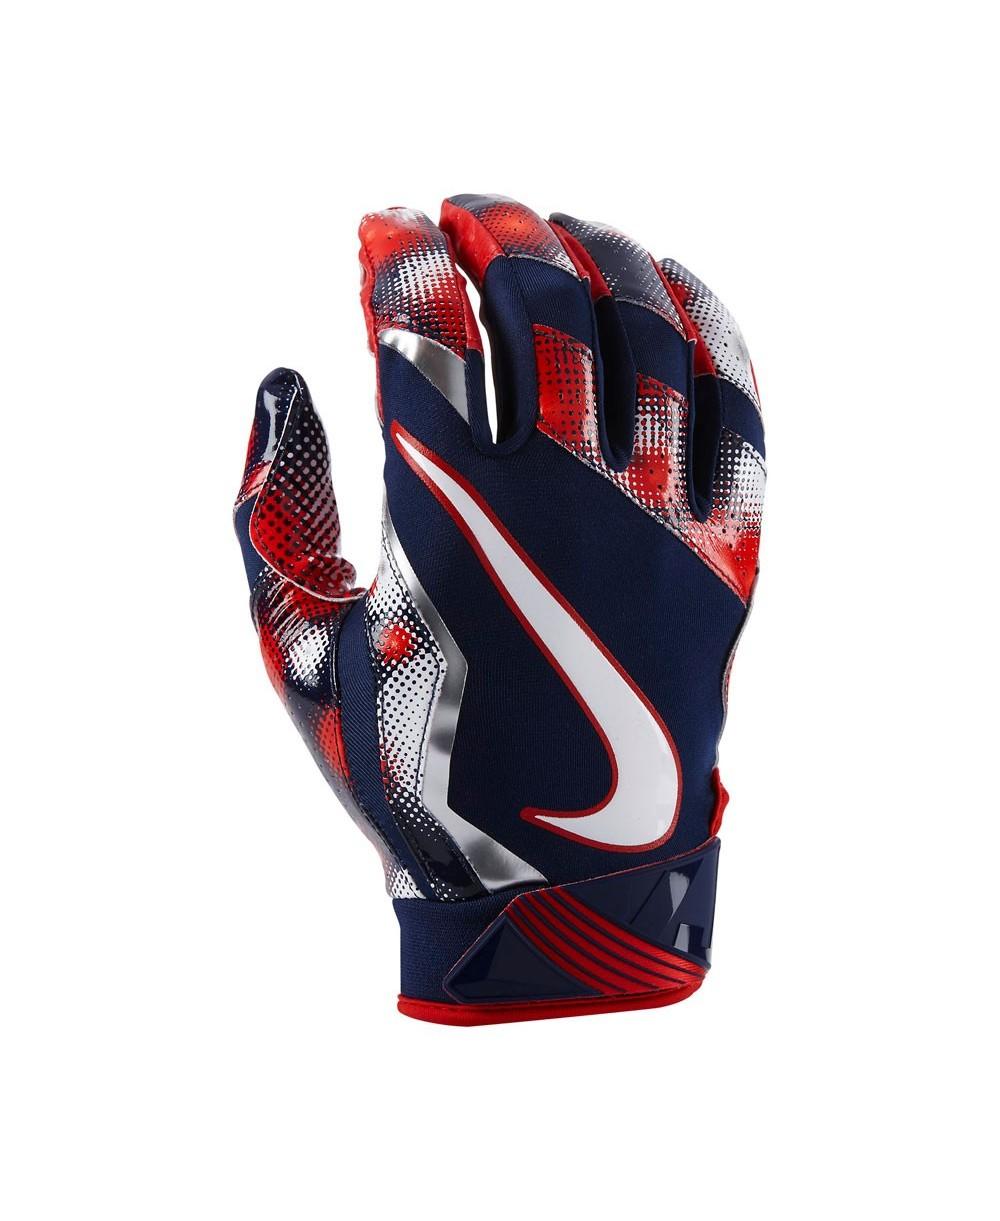 Vapor Firecracker Jet Handschuhe Herren American Football 4 2DWHIYe9E